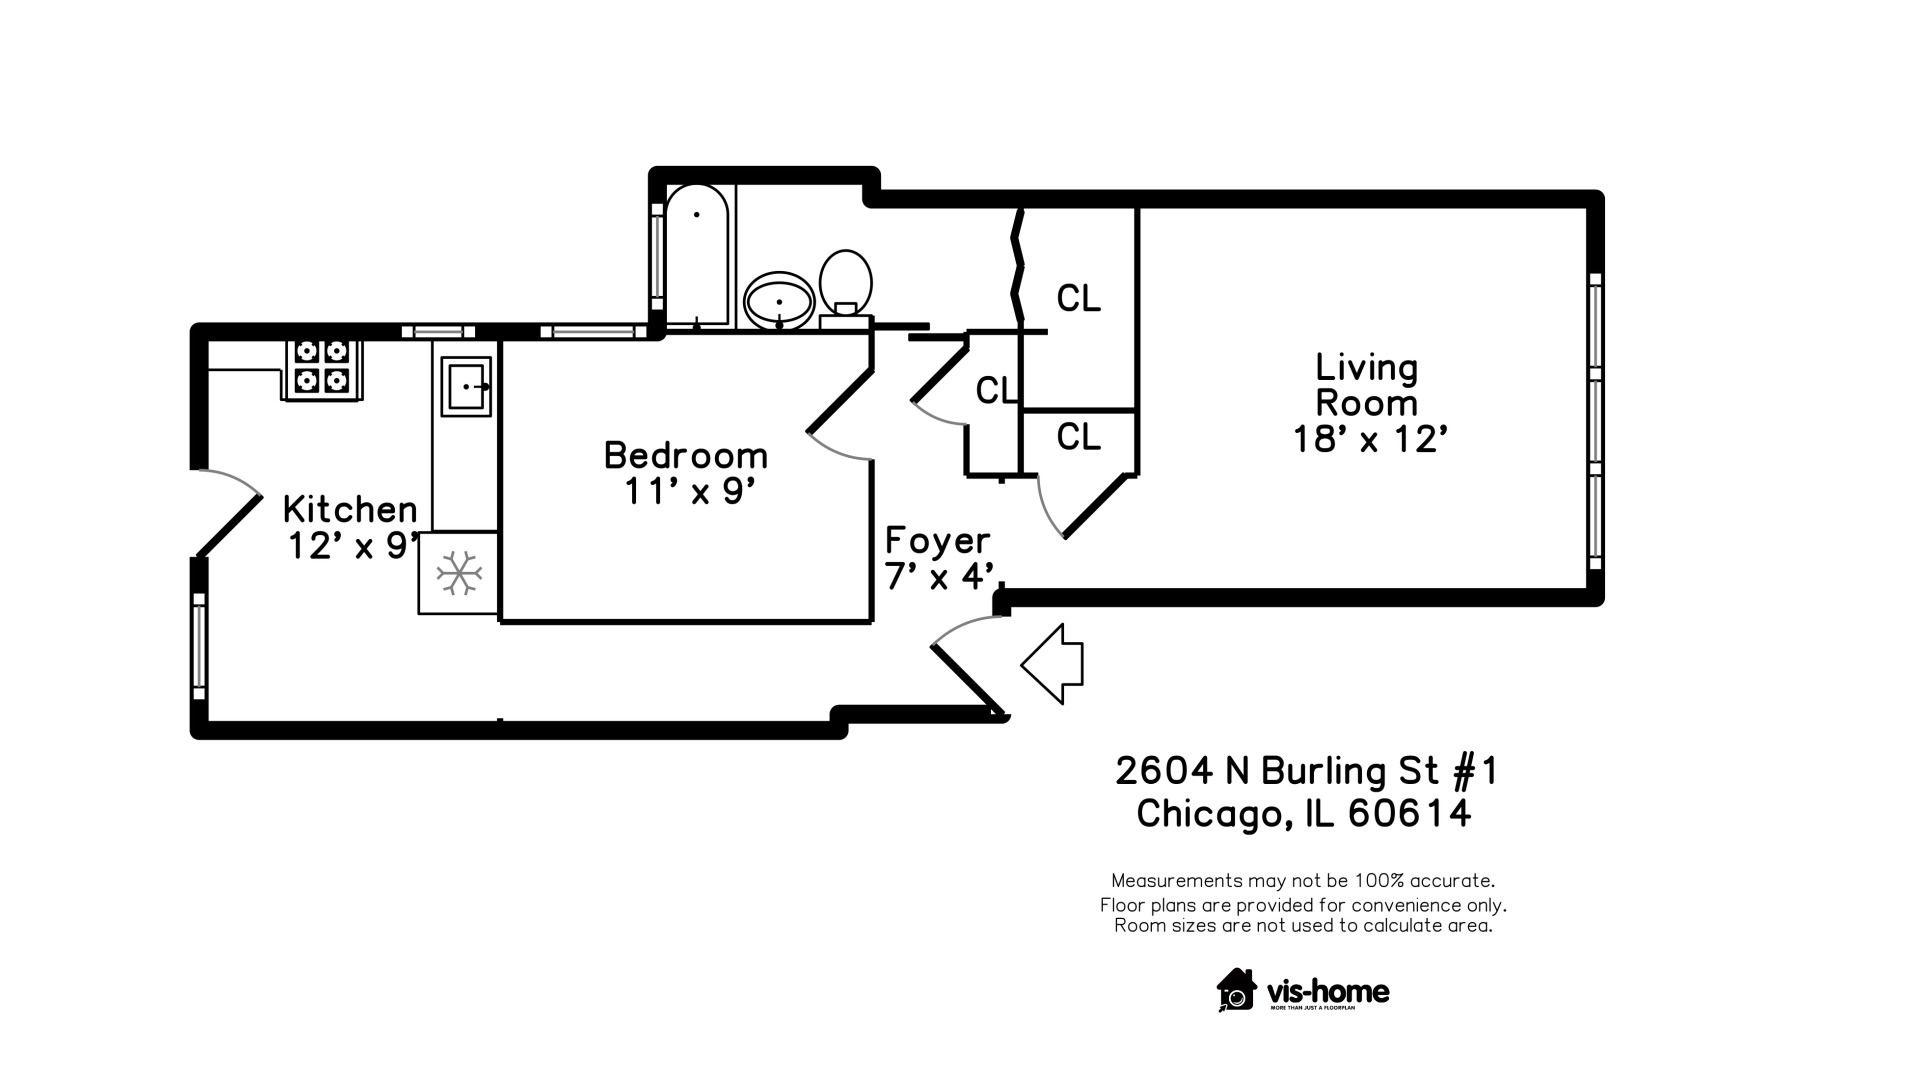 2604 N Burling Street 1